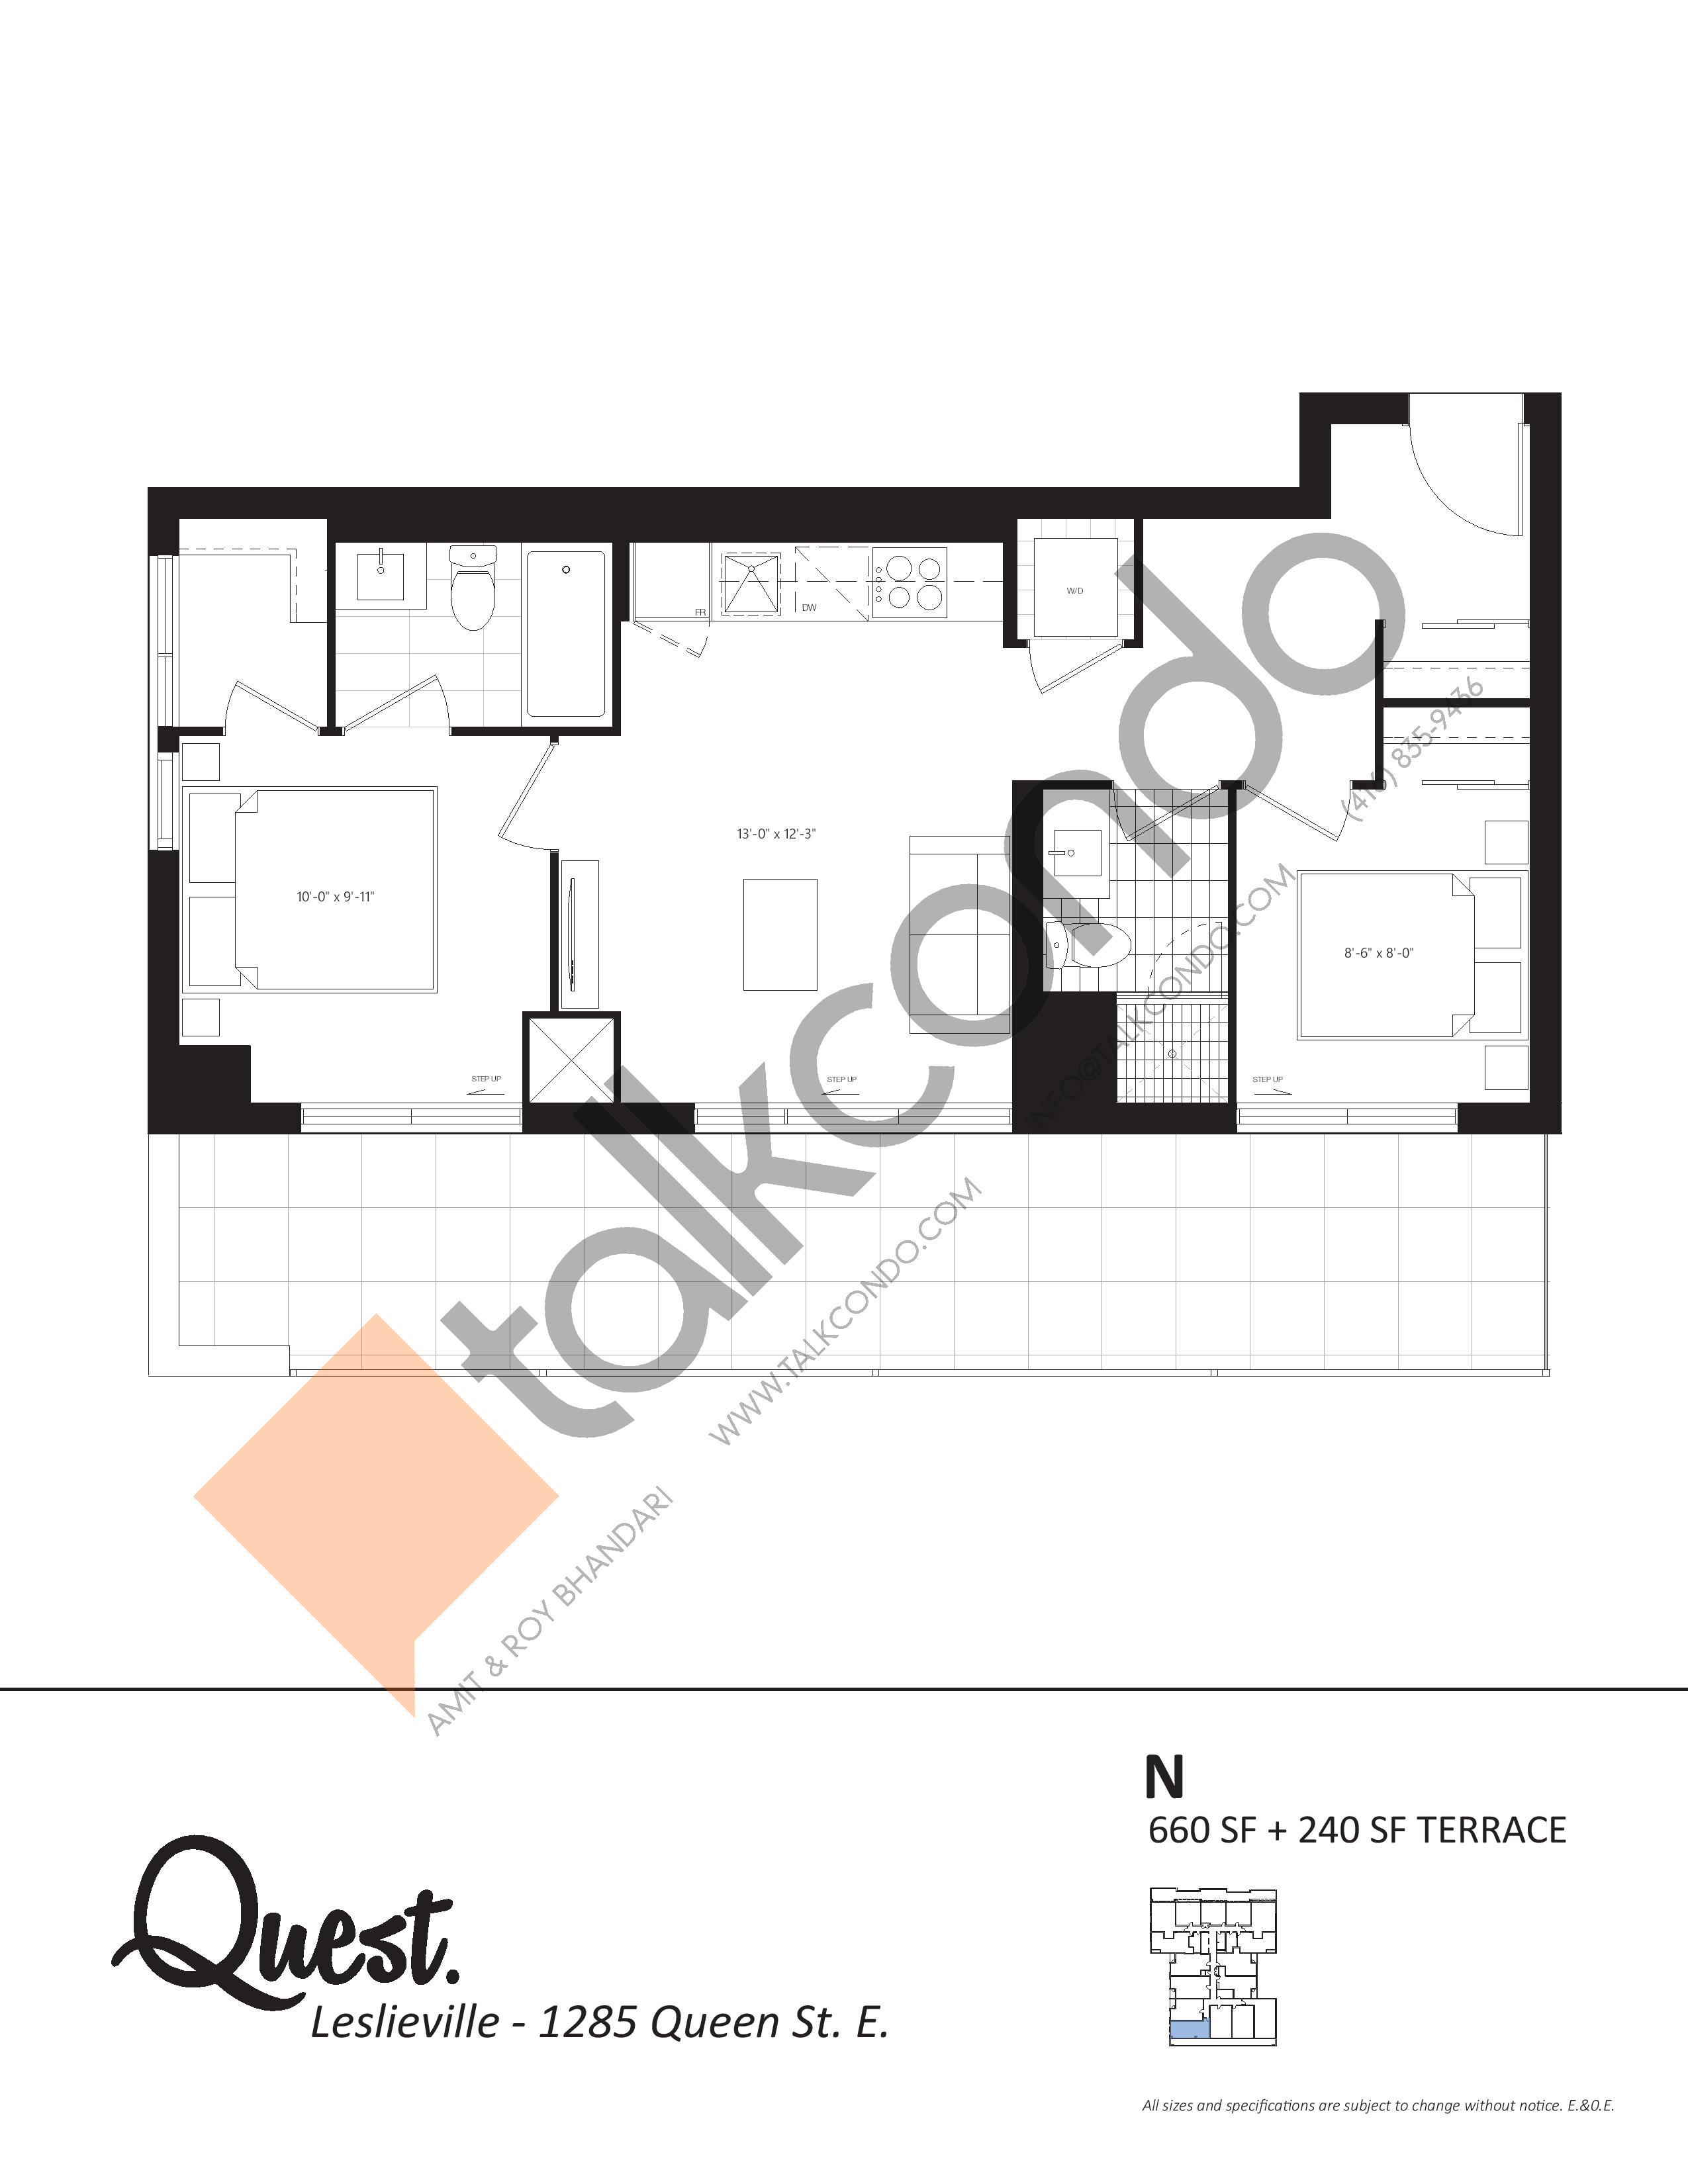 N Floor Plan at The Poet Condos - 660 sq.ft